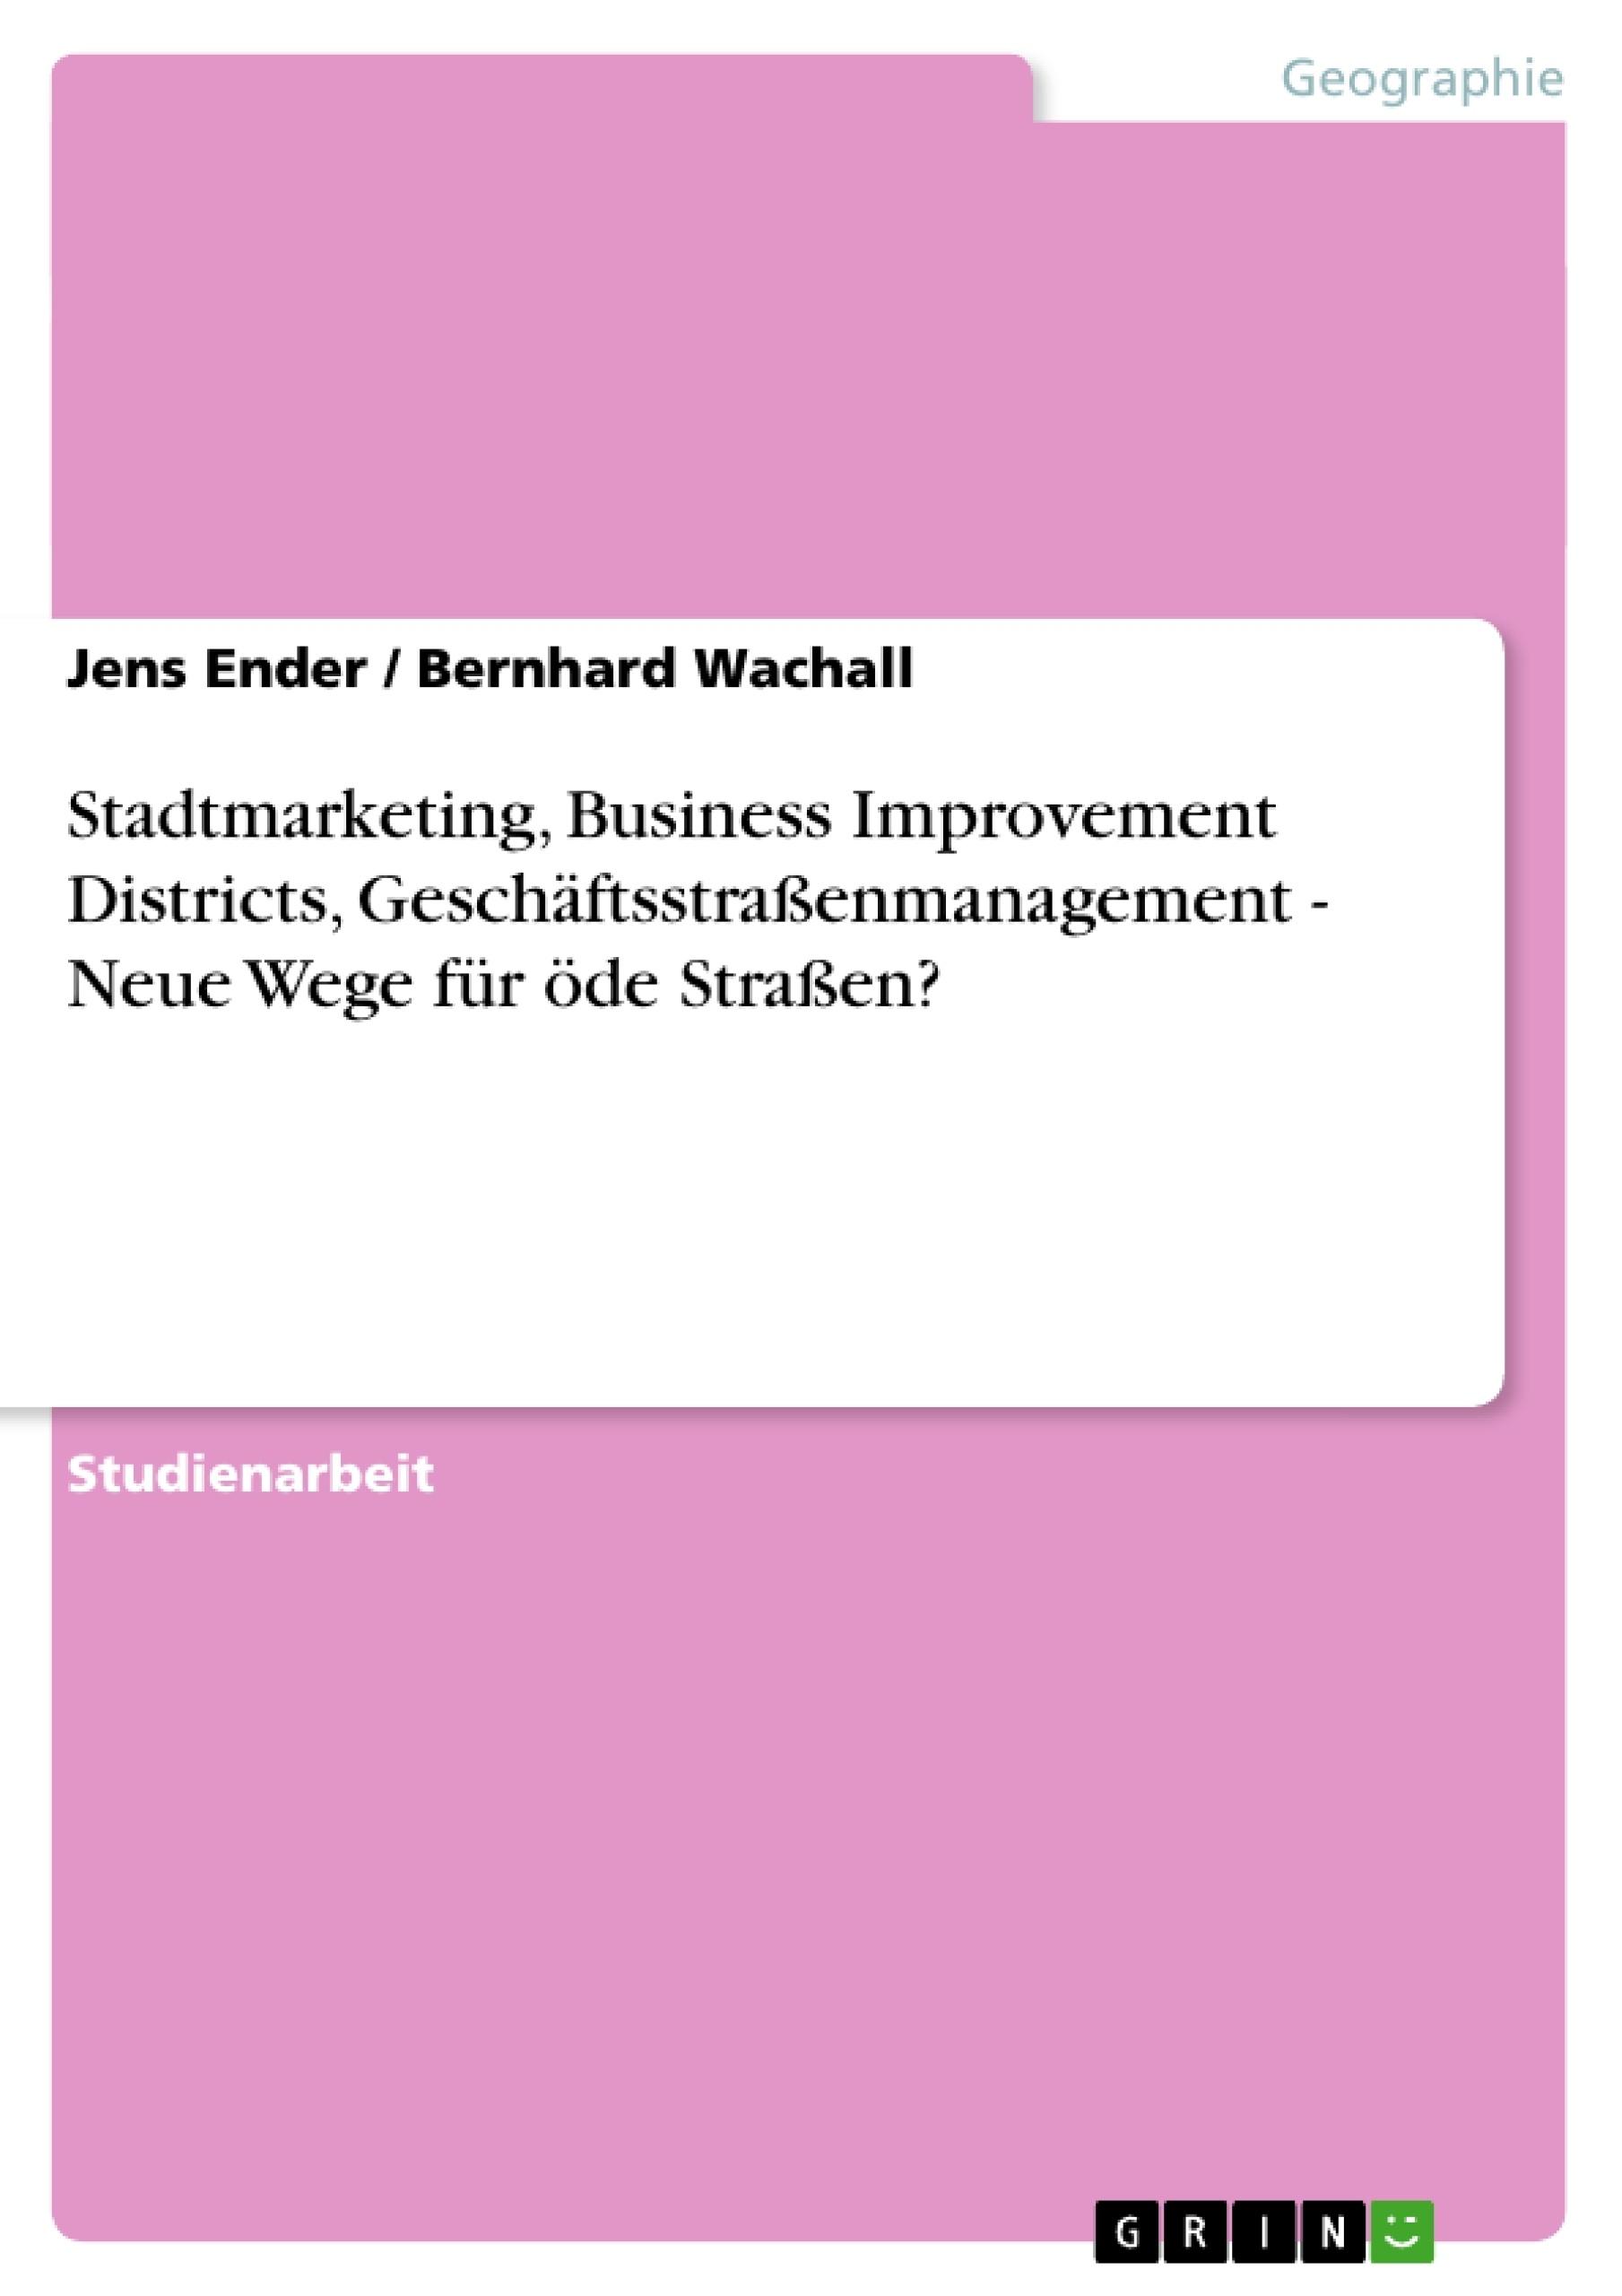 Titel: Stadtmarketing, Business Improvement Districts, Geschäftsstraßenmanagement - Neue Wege für öde Straßen?